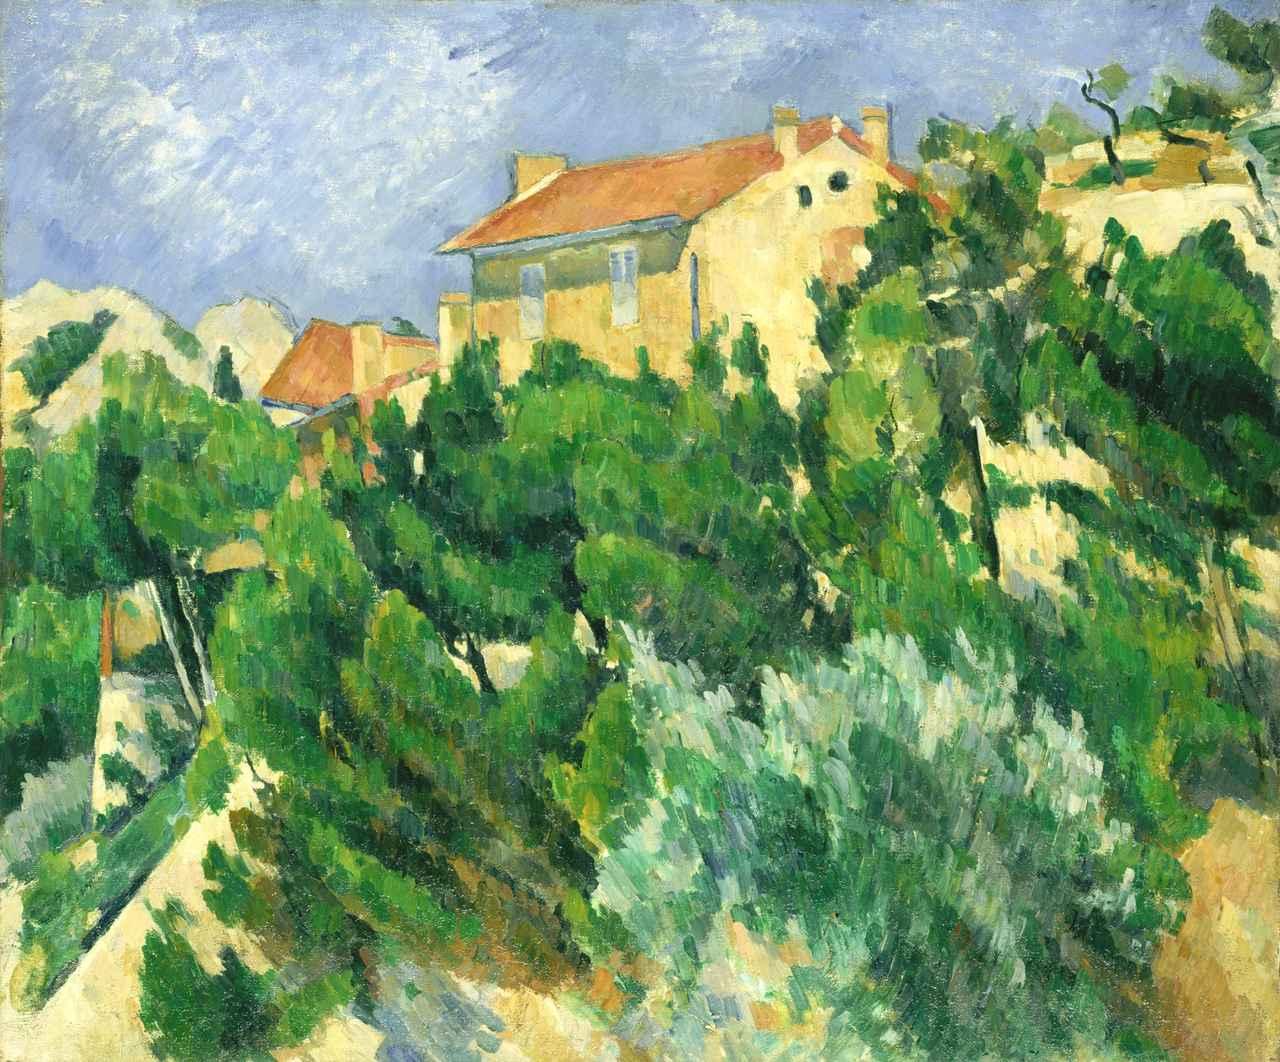 画像: 《プロヴァンスの風景》 ポール・セザンヌ 1879-1882年 油彩/カンヴァス  ポーラ美術館蔵